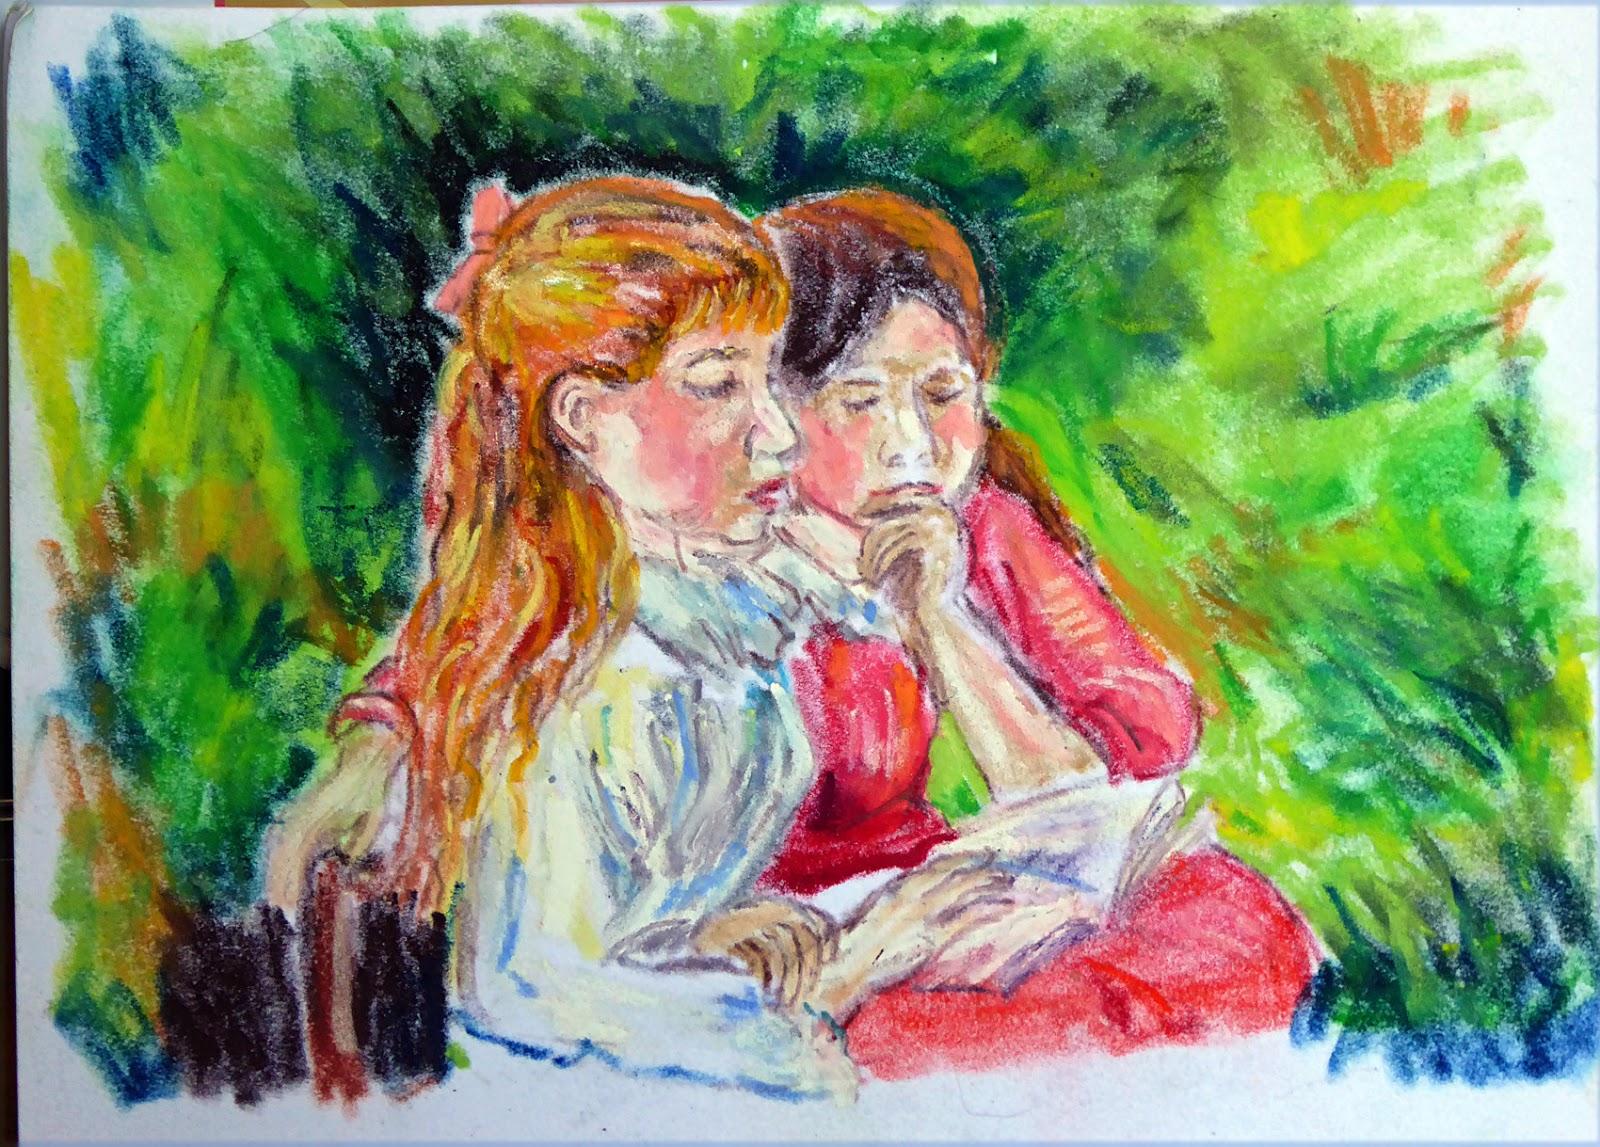 Art de vivre la peinture de peintrefiguratif croquis pastel gras au louvre for Peinture pastel gras